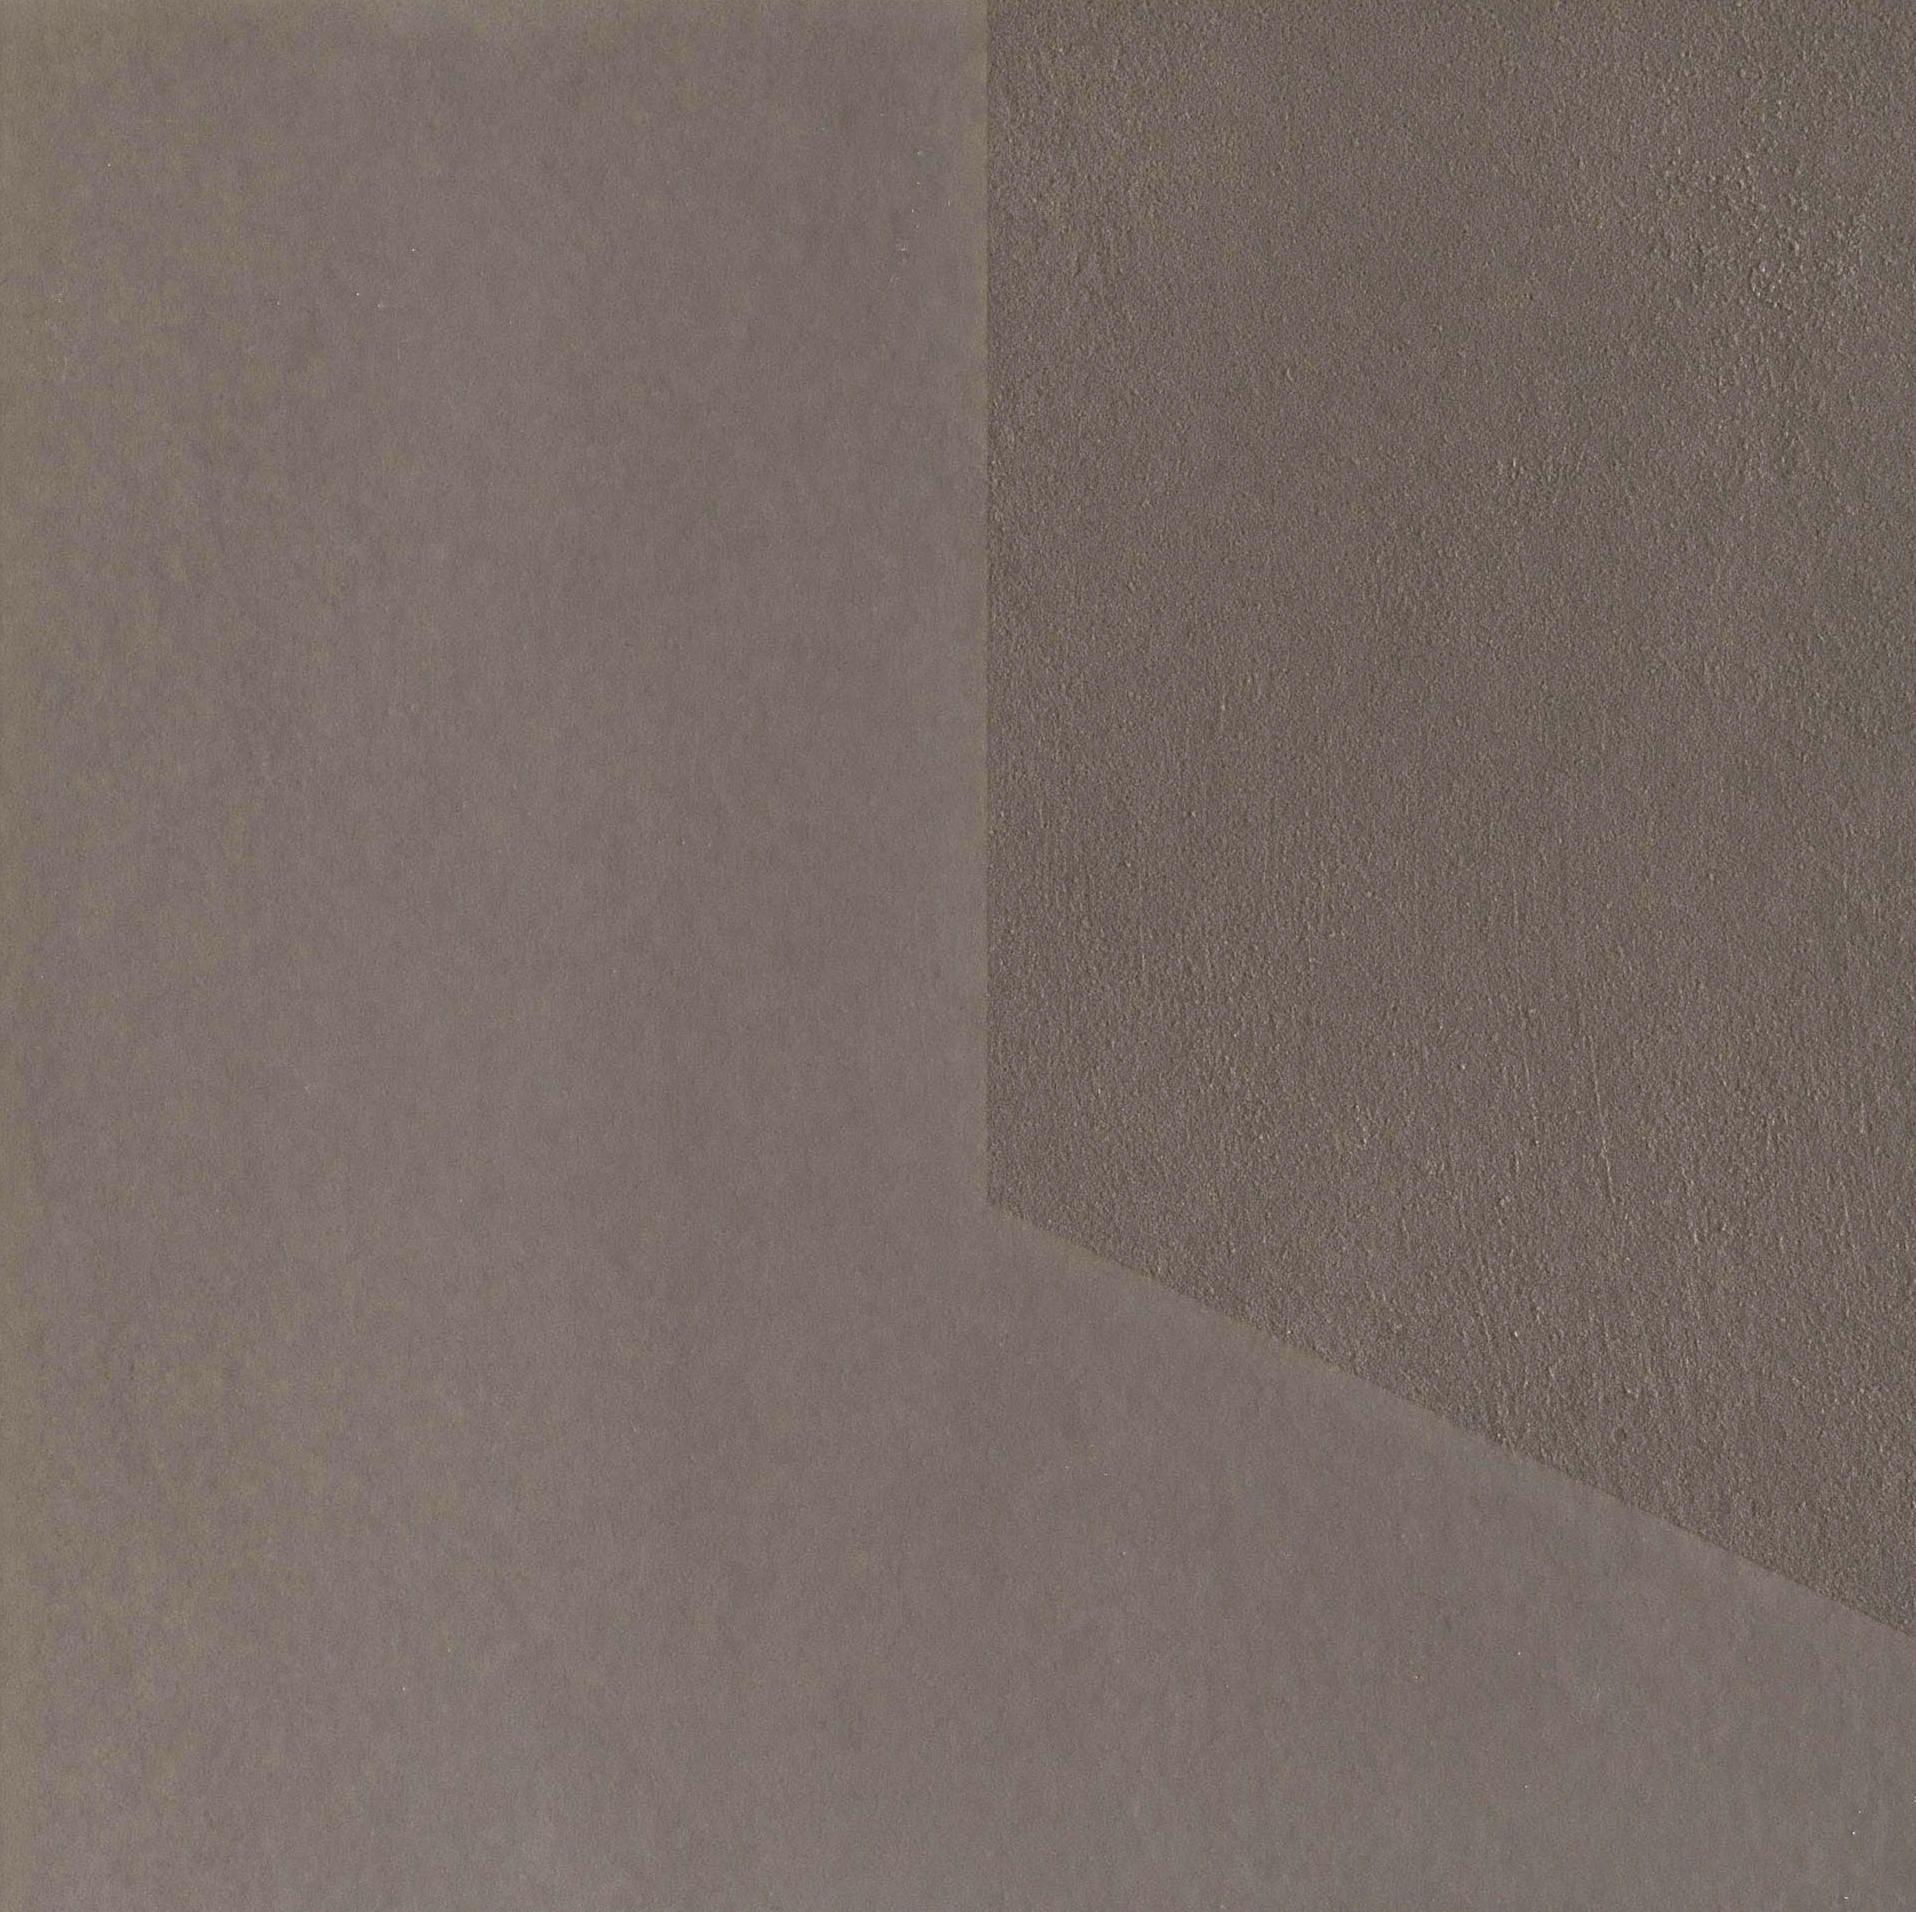 Mattonelle per pavimento cucina : mattonelle bagno macchiate ...